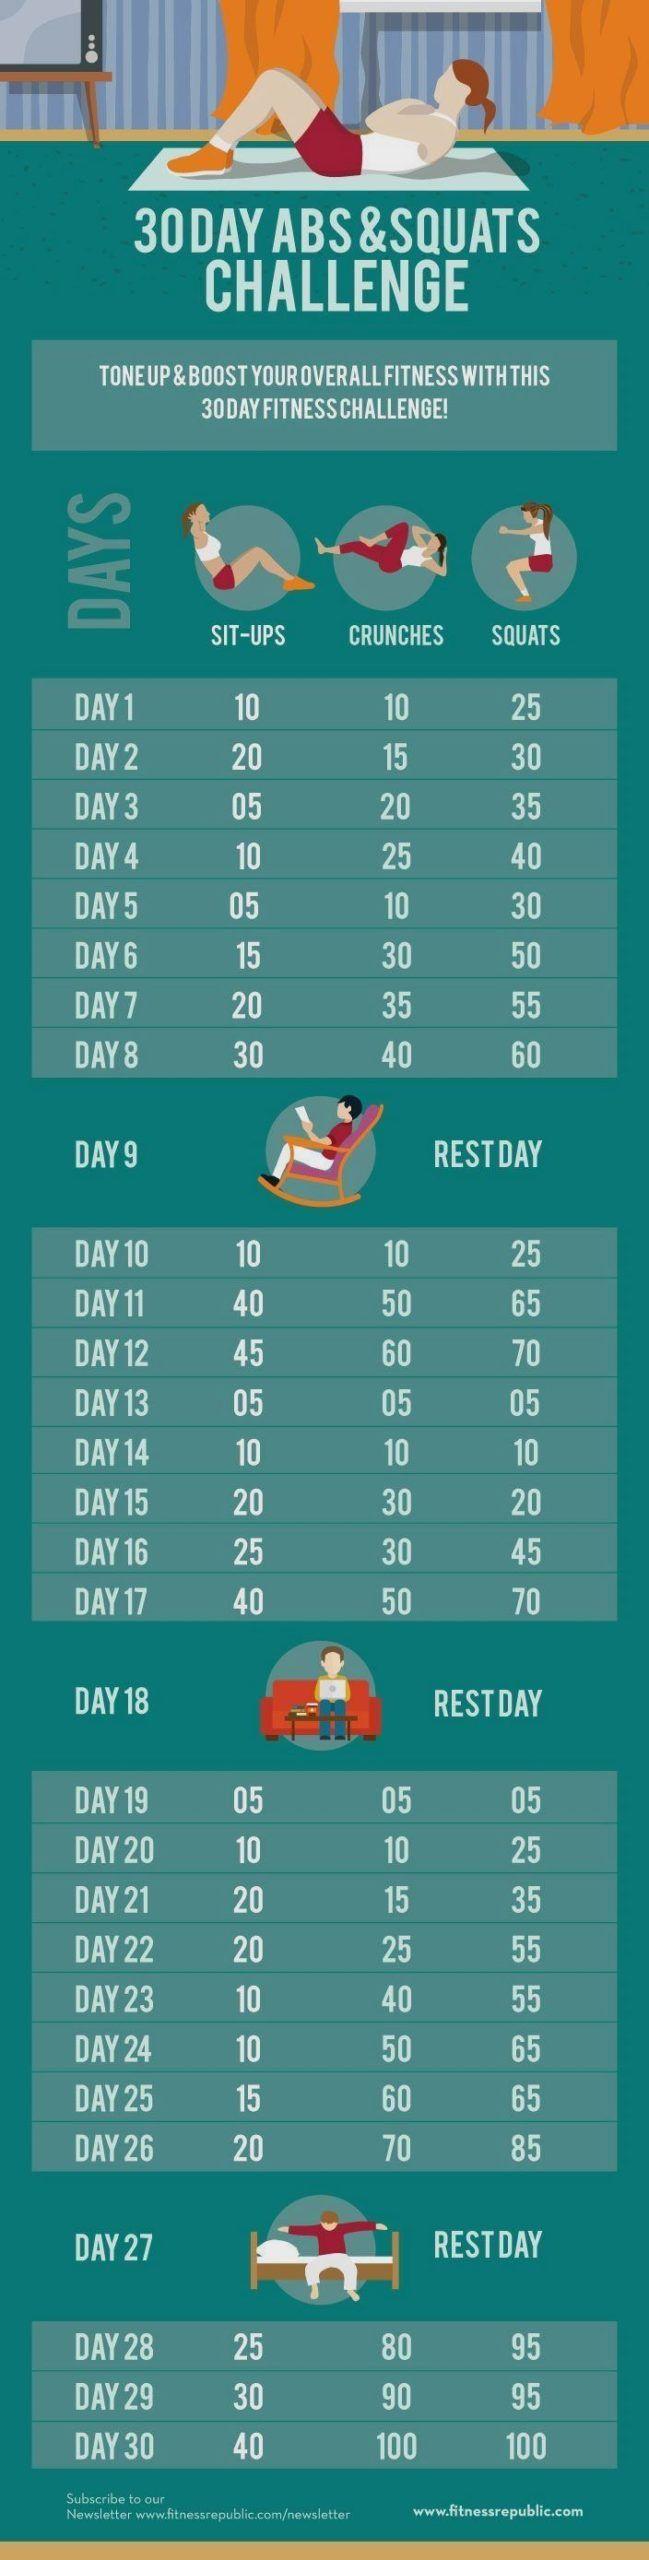 Fitness einstellen, #einstellen #Fitness